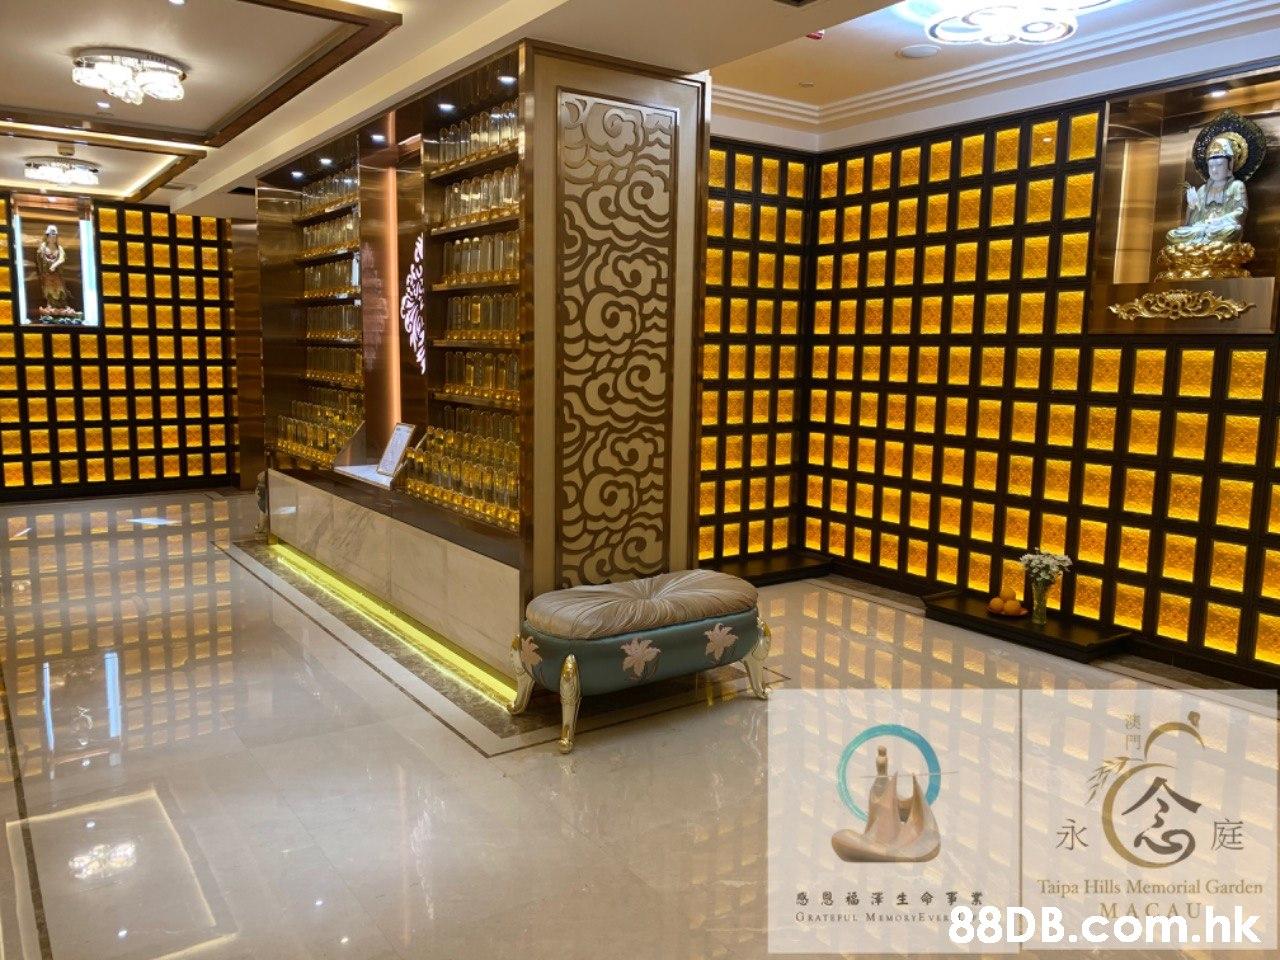 永 庭 Taipa Hills Memorial Garden ACAU 感恩福澤生命事業 .hk GRATEPUL MEMORYEVER  Lobby,Building,Interior design,Architecture,Room